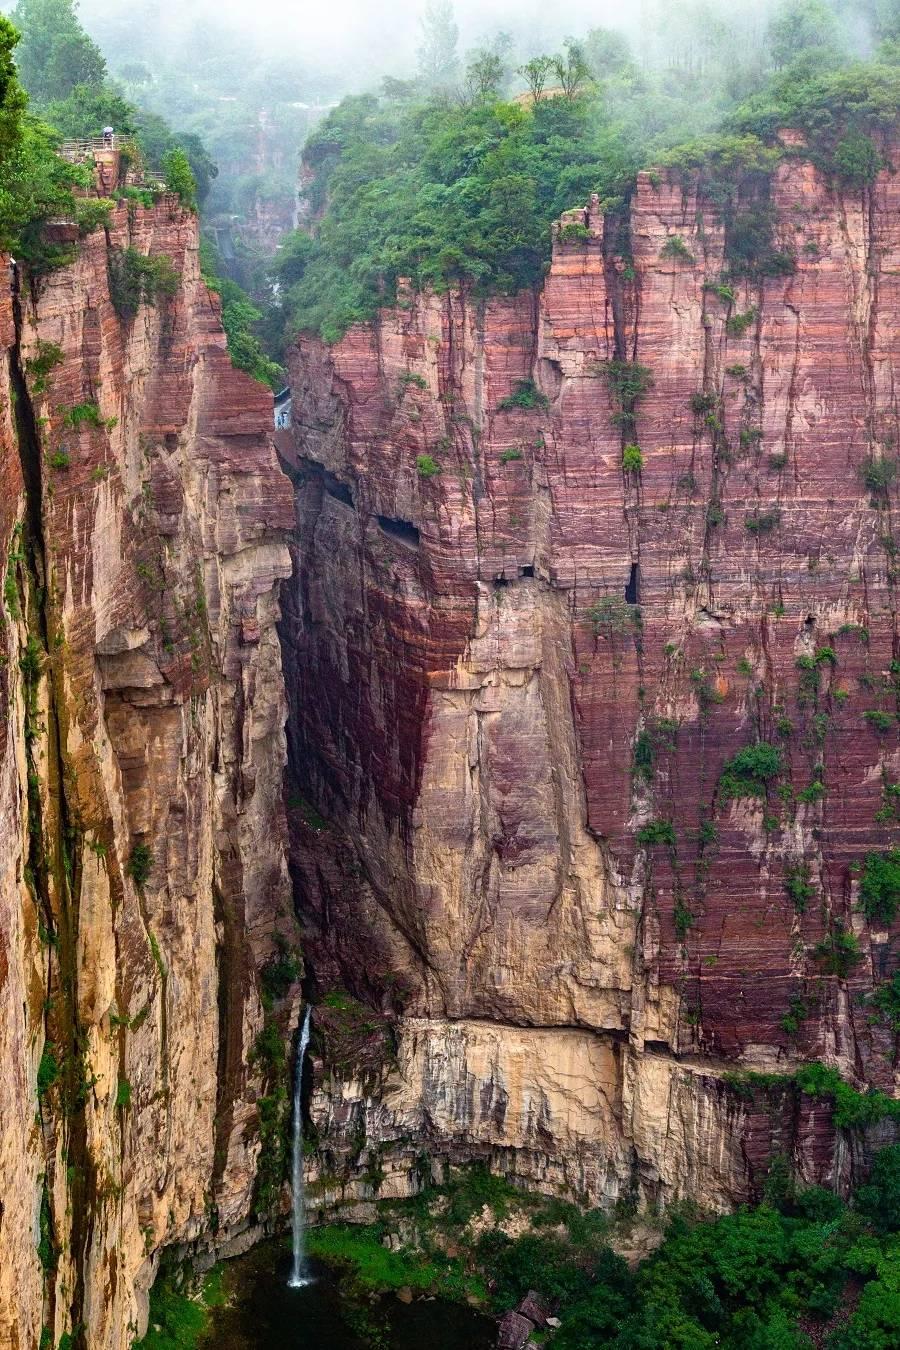 太行自驾 |9月3-4日 |河南云台山-山西陵川-辉县南太行 |2天穿越